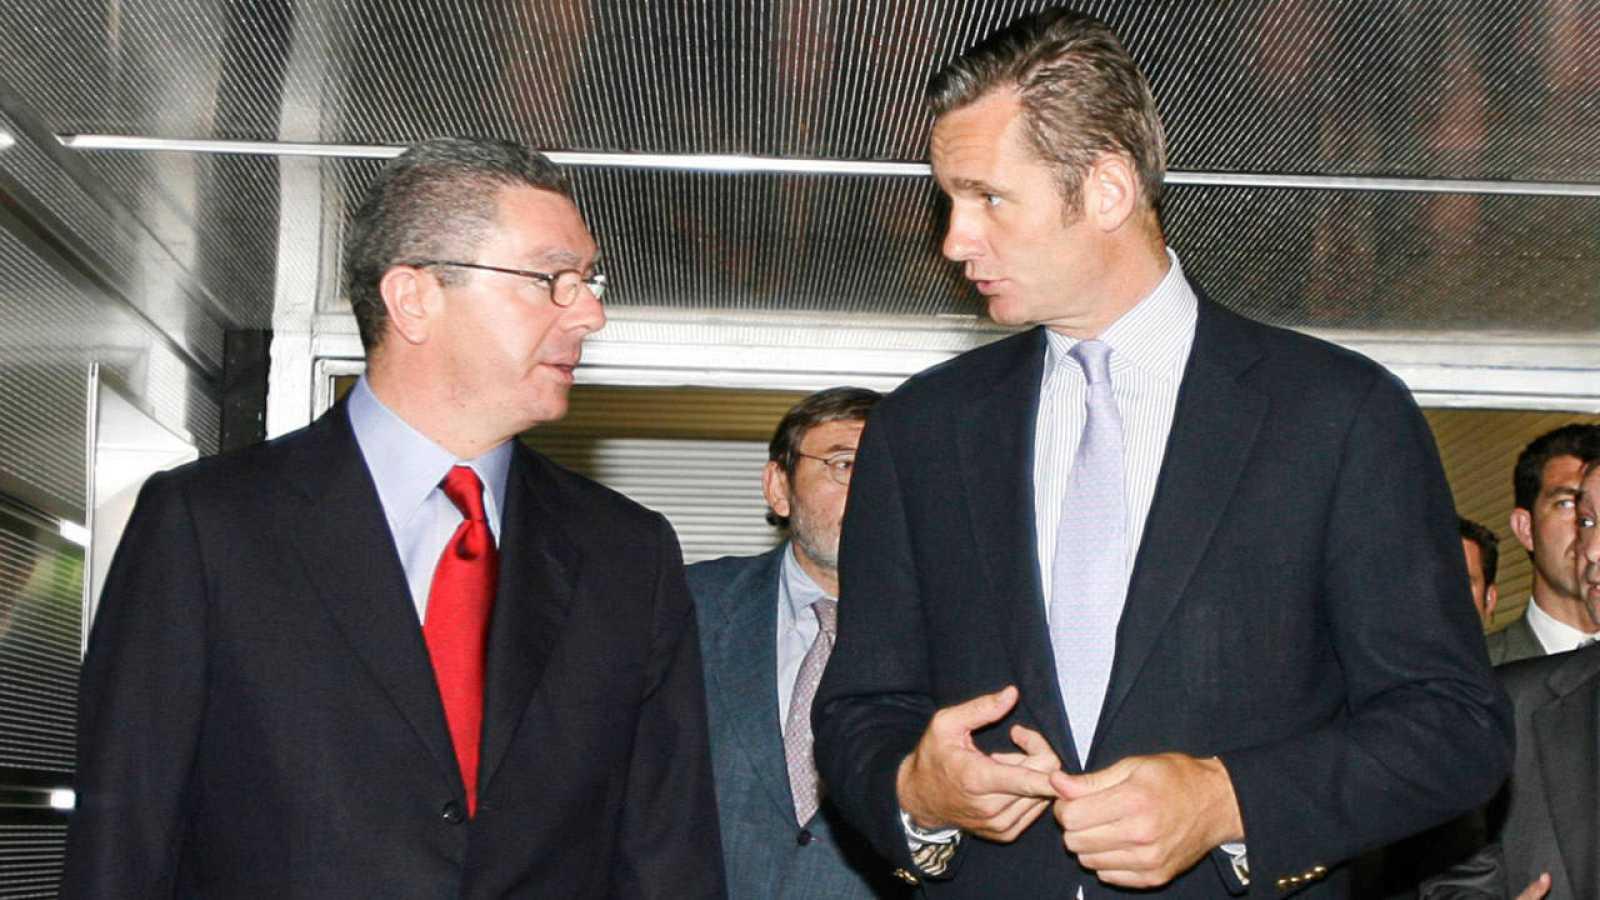 Alberto Ruiz Gallardón e Iñaki Urdangarin, en el acto de presentación de Madrid 2016 al deporte español, en 2007